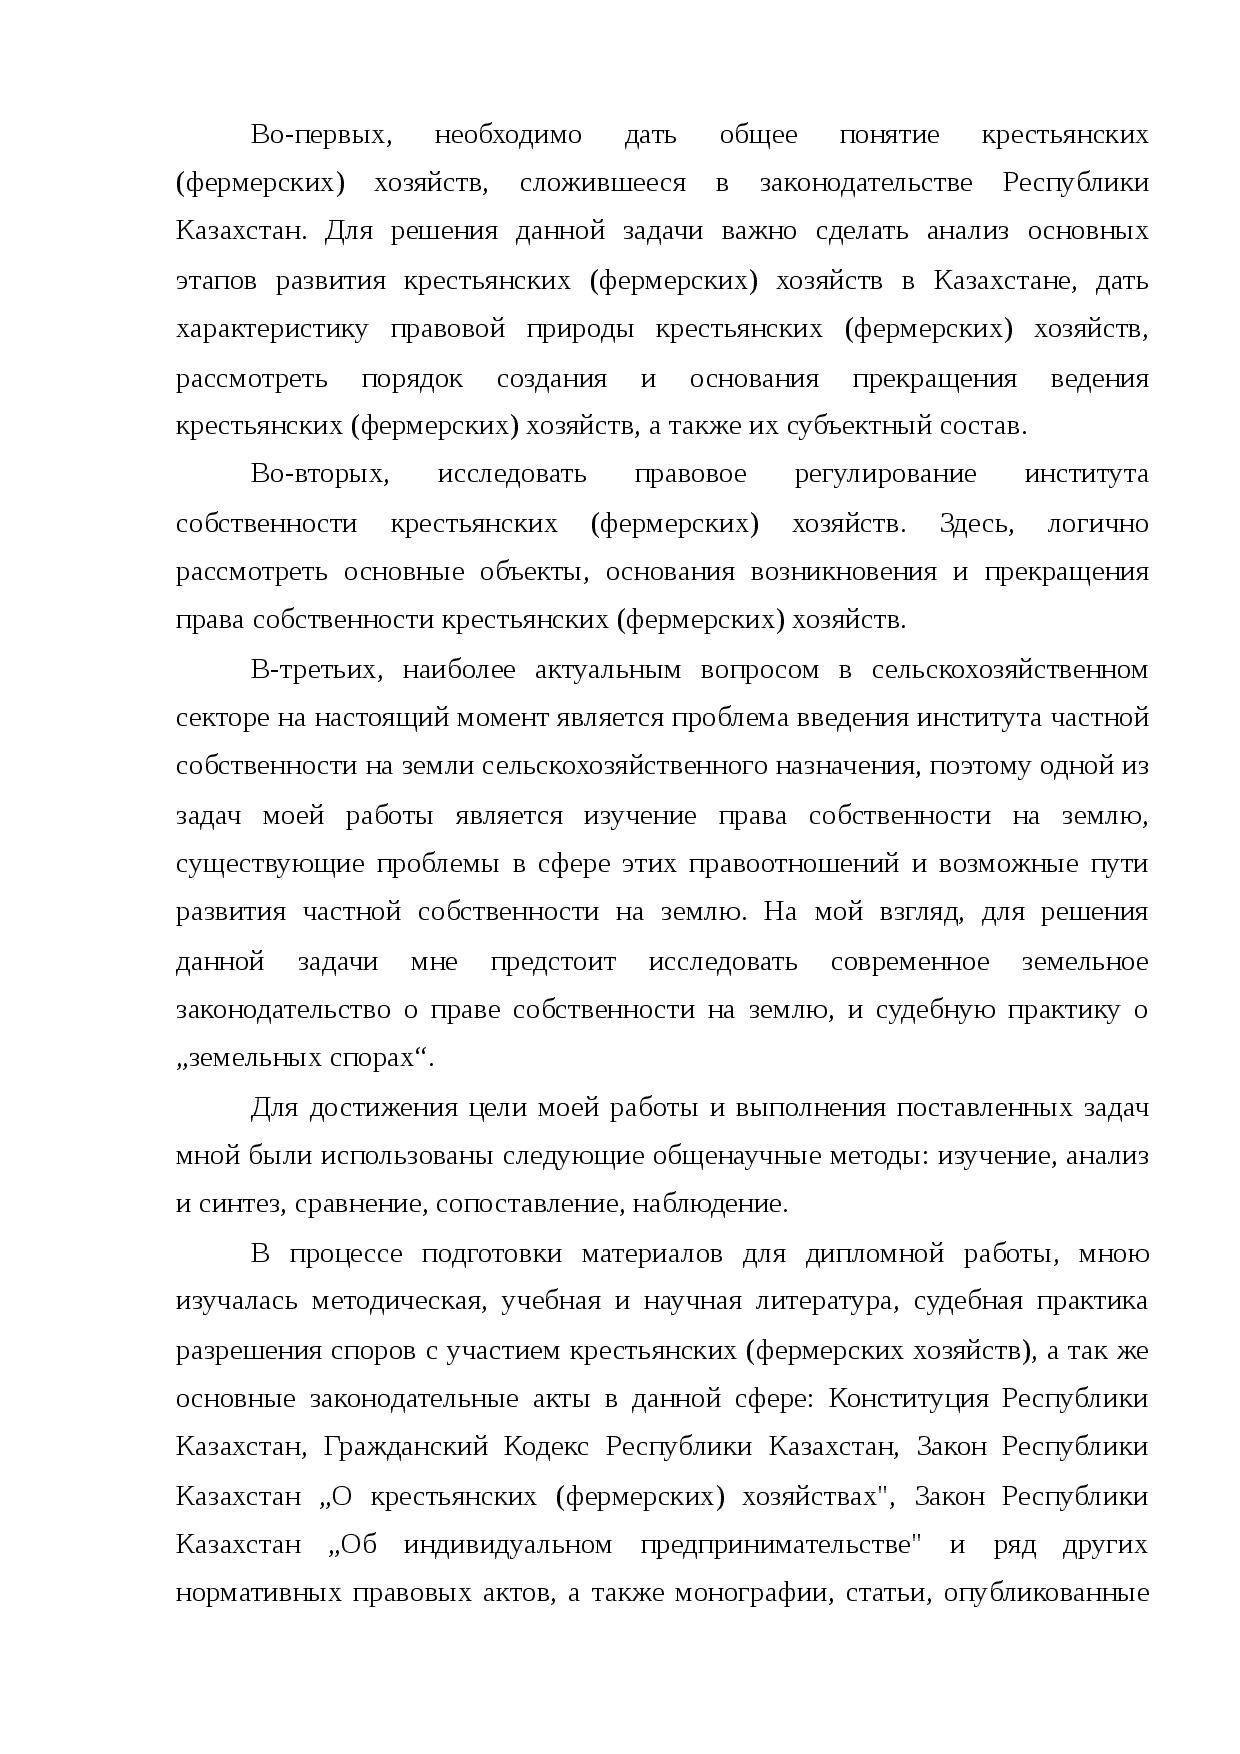 крестьянское хозяйство учредительные документы